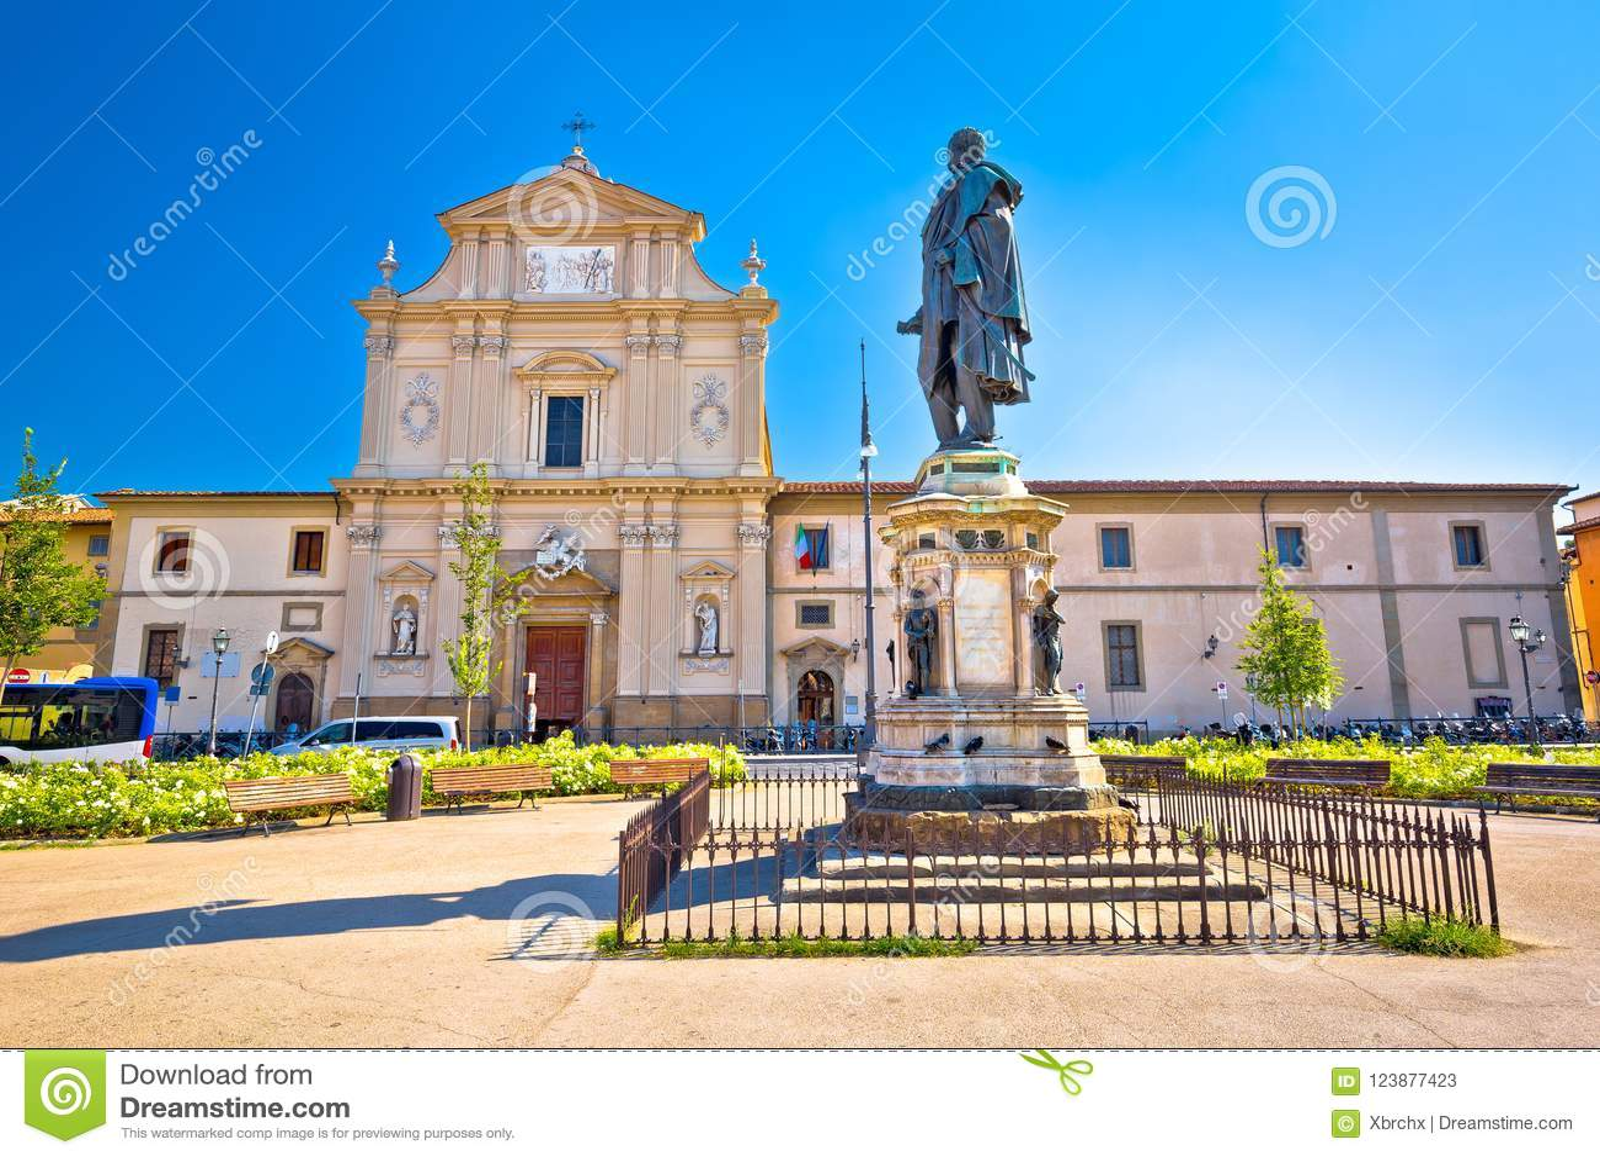 圣马可广场广场和教会佛罗伦萨建筑学视图的